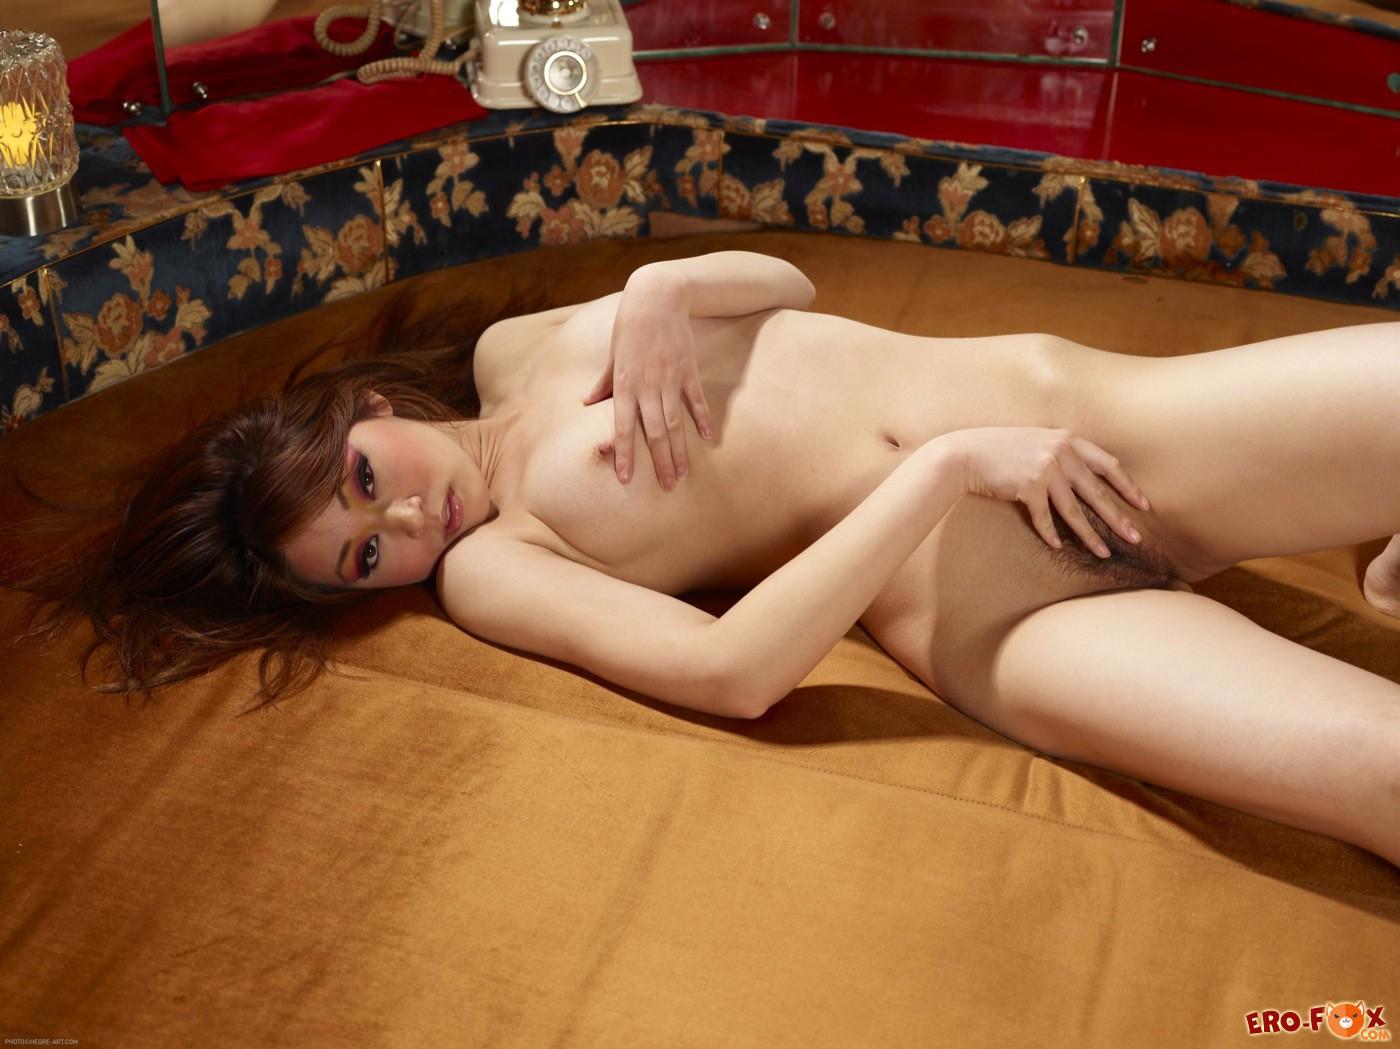 Азиатка с упругой грудью стягивает трусики на кровати - фото